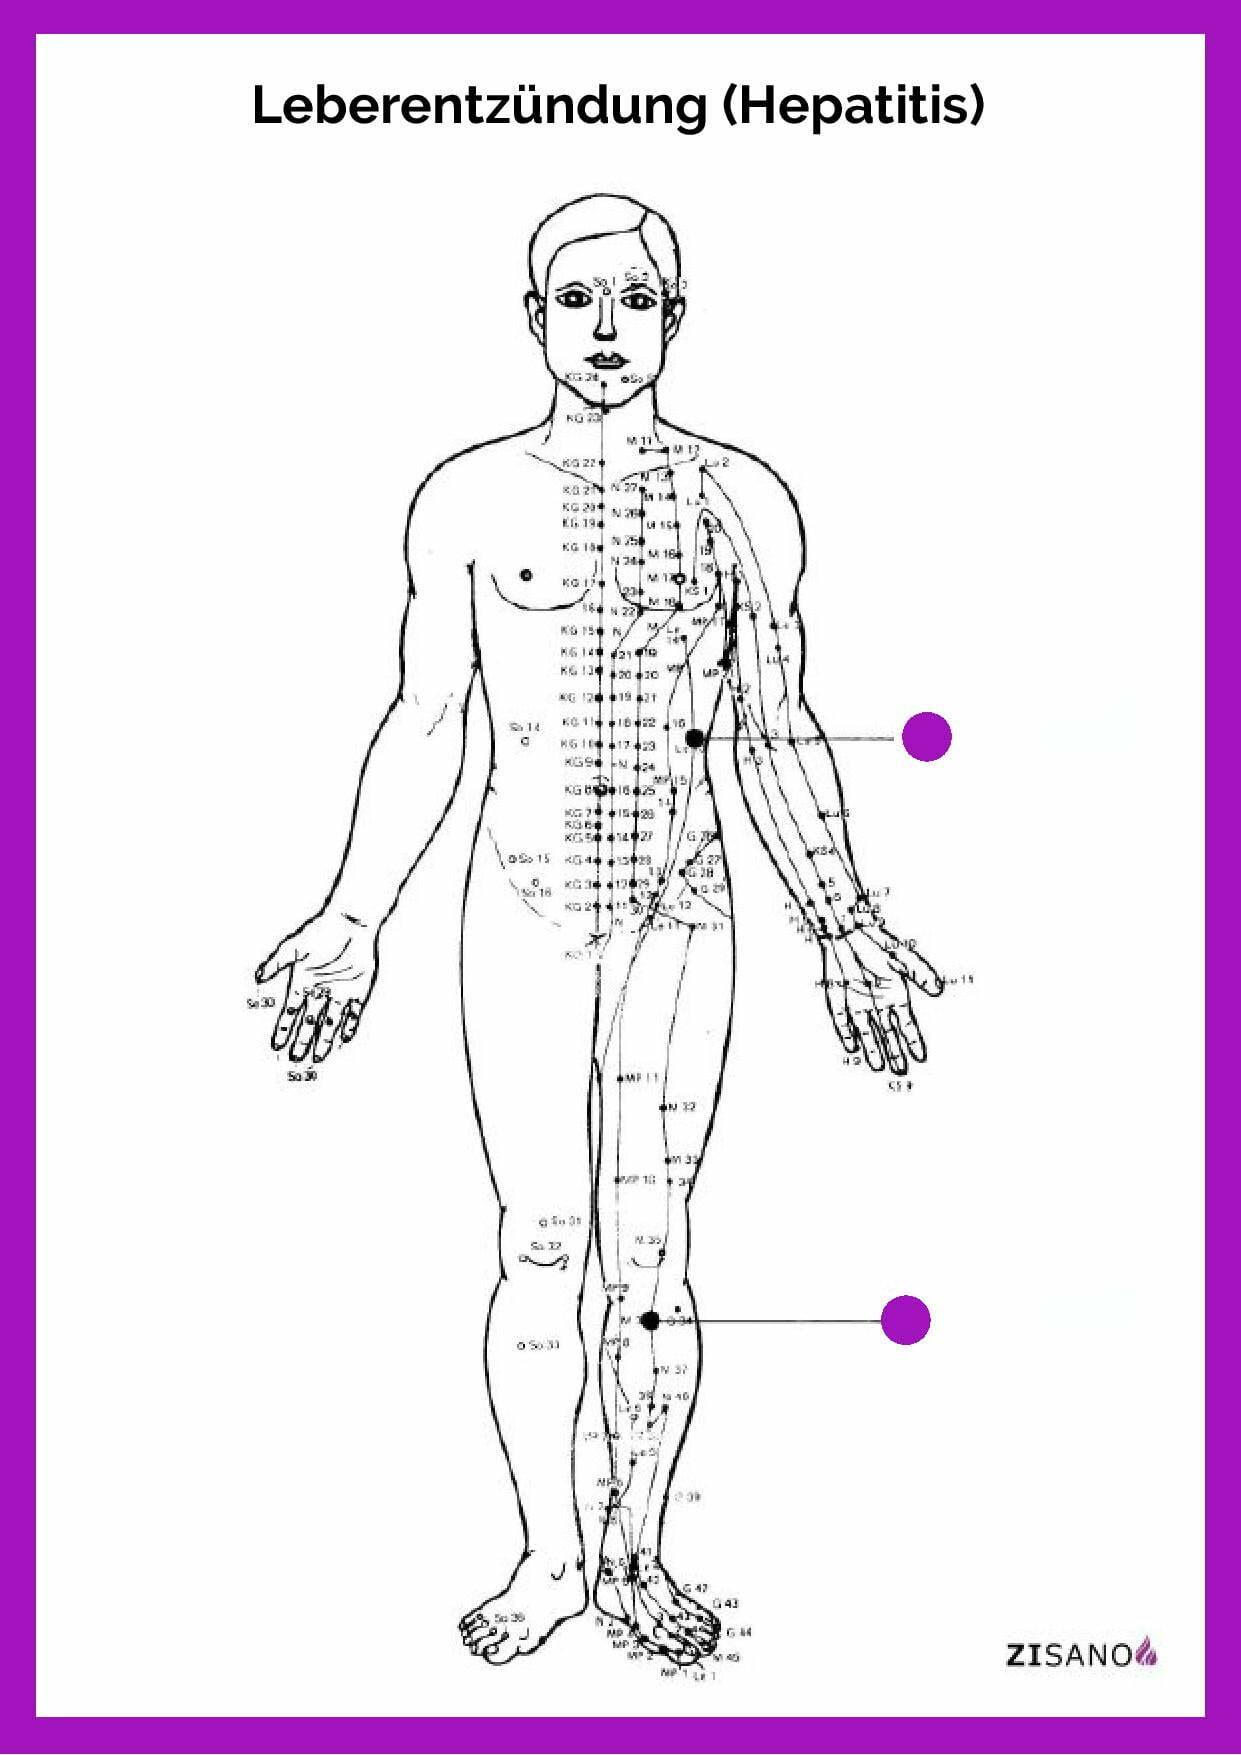 Meridiane - Leberentzündung - Hepatitis - Beschwerden